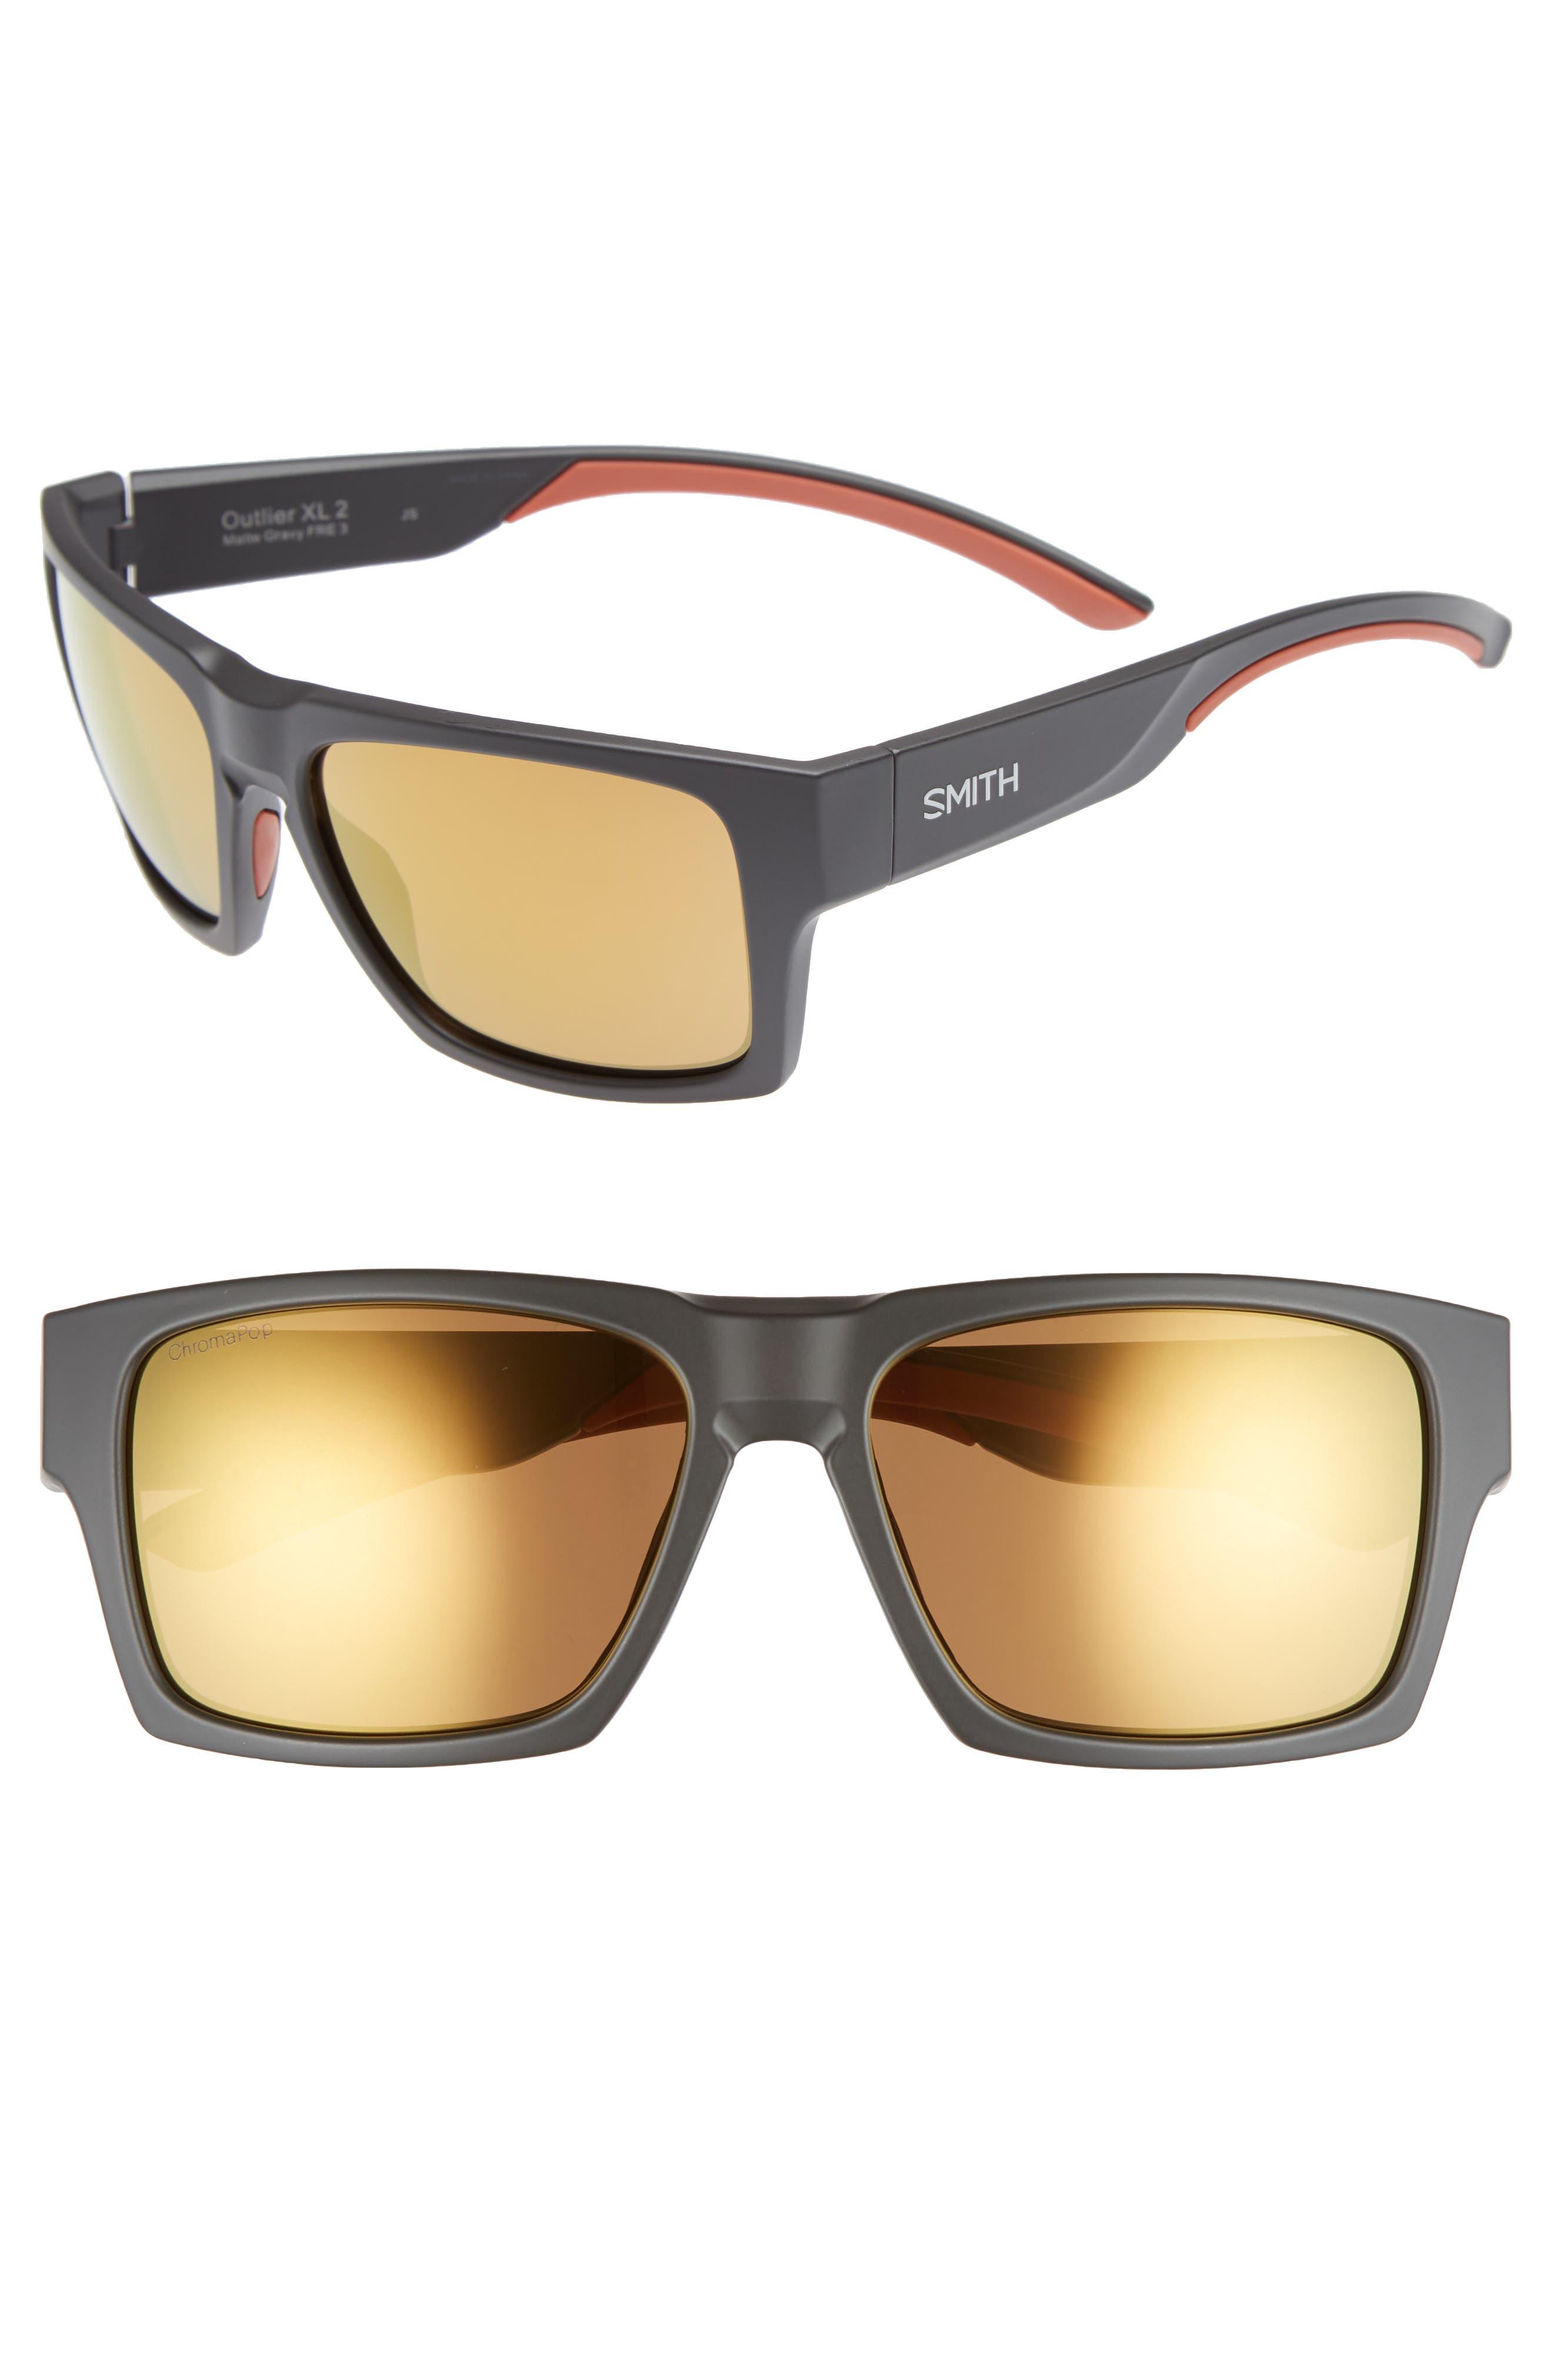 Outlier 2 XL 59mm ChromaPop Sunglasses,                             Main thumbnail 1, color,                             MATTE GRAVY/ BRONZE MIRROR